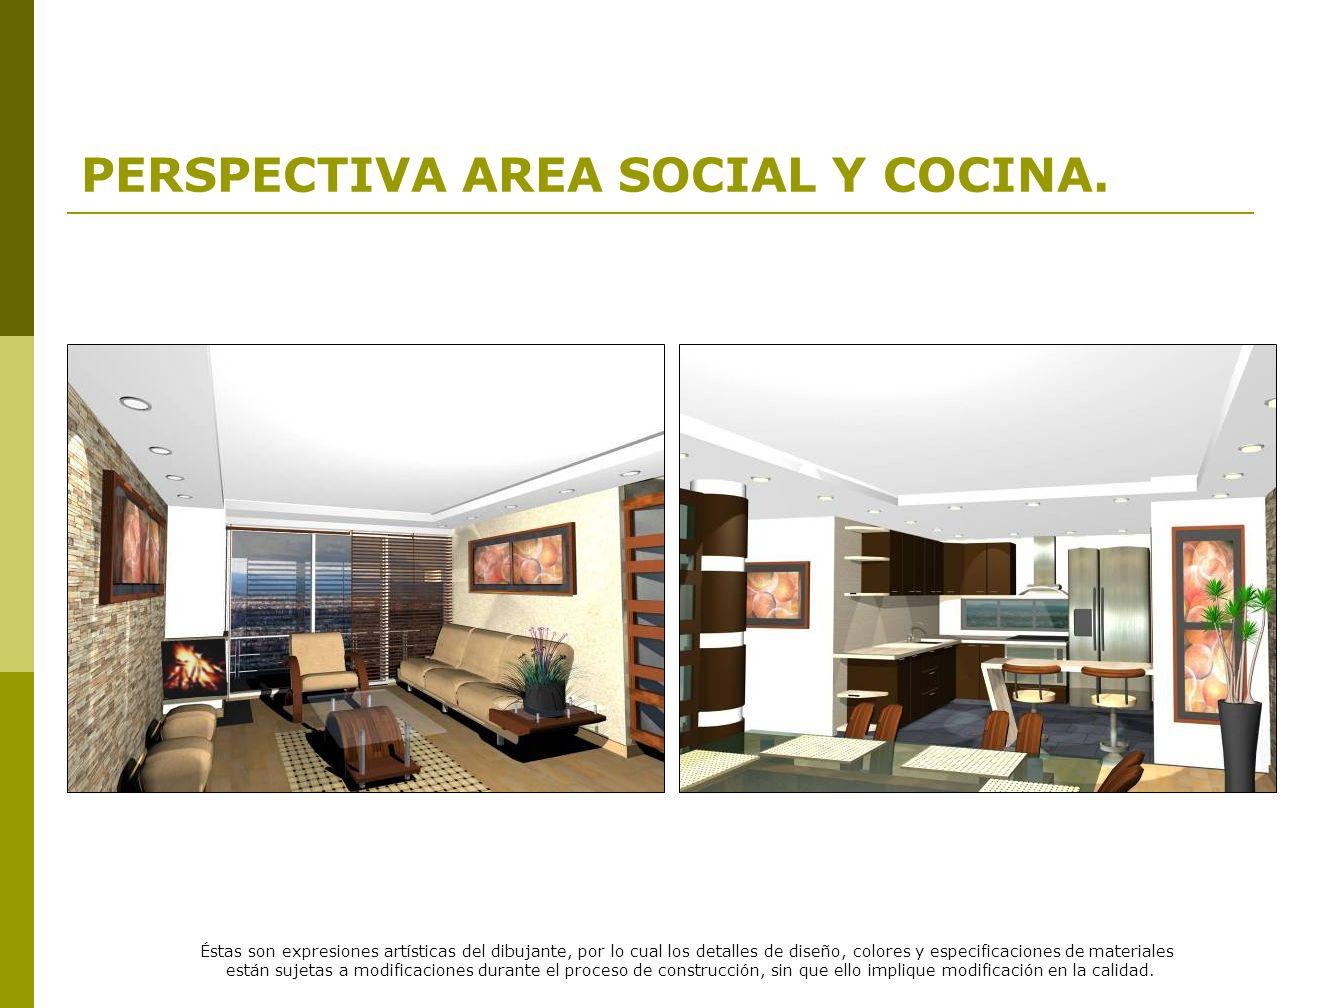 PERSPECTIVA AREA SOCIAL Y COCINA.